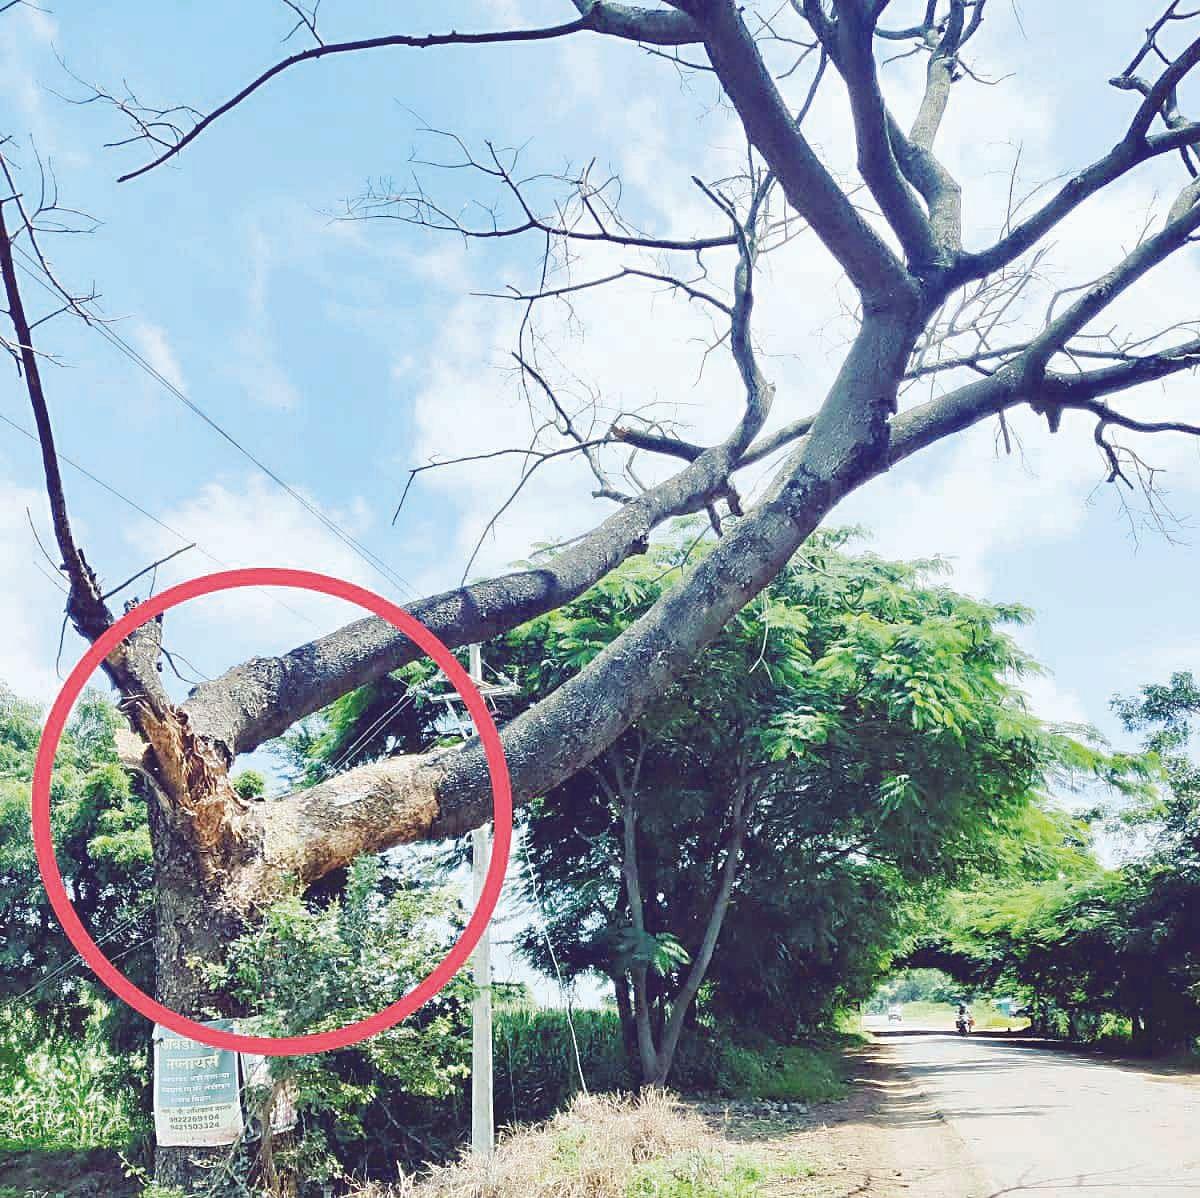 अभोणा रस्त्यावरील झाडे धोकेदायक स्थितीत